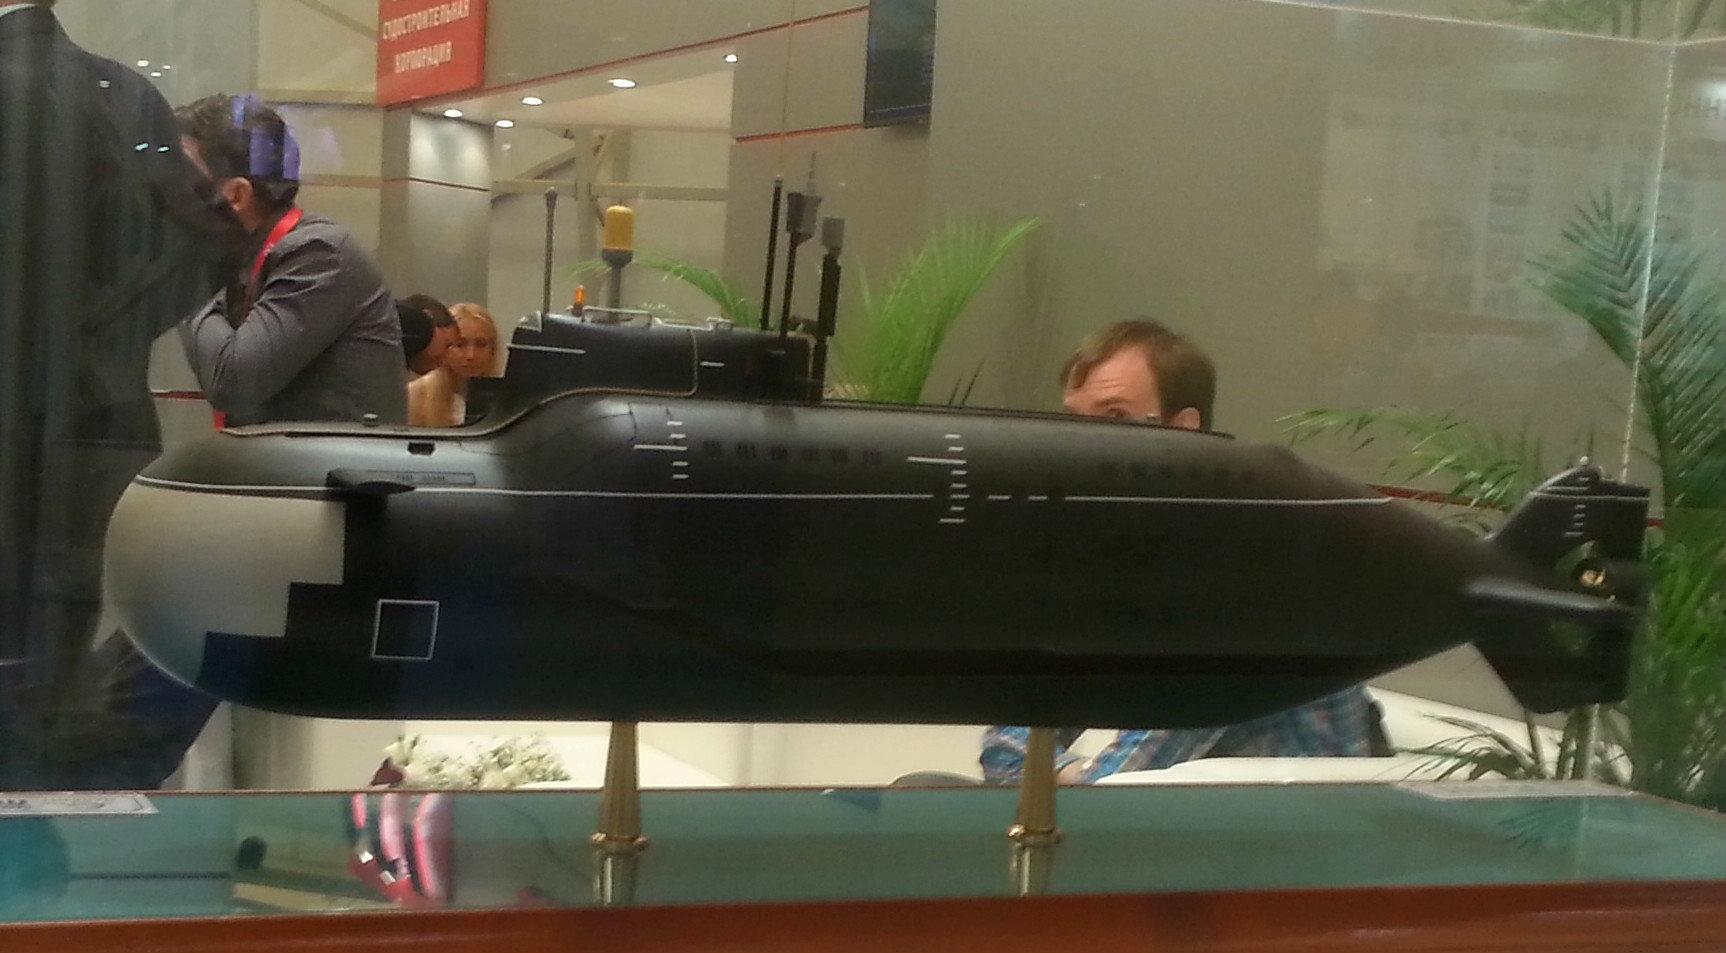 A Piranha submarine model